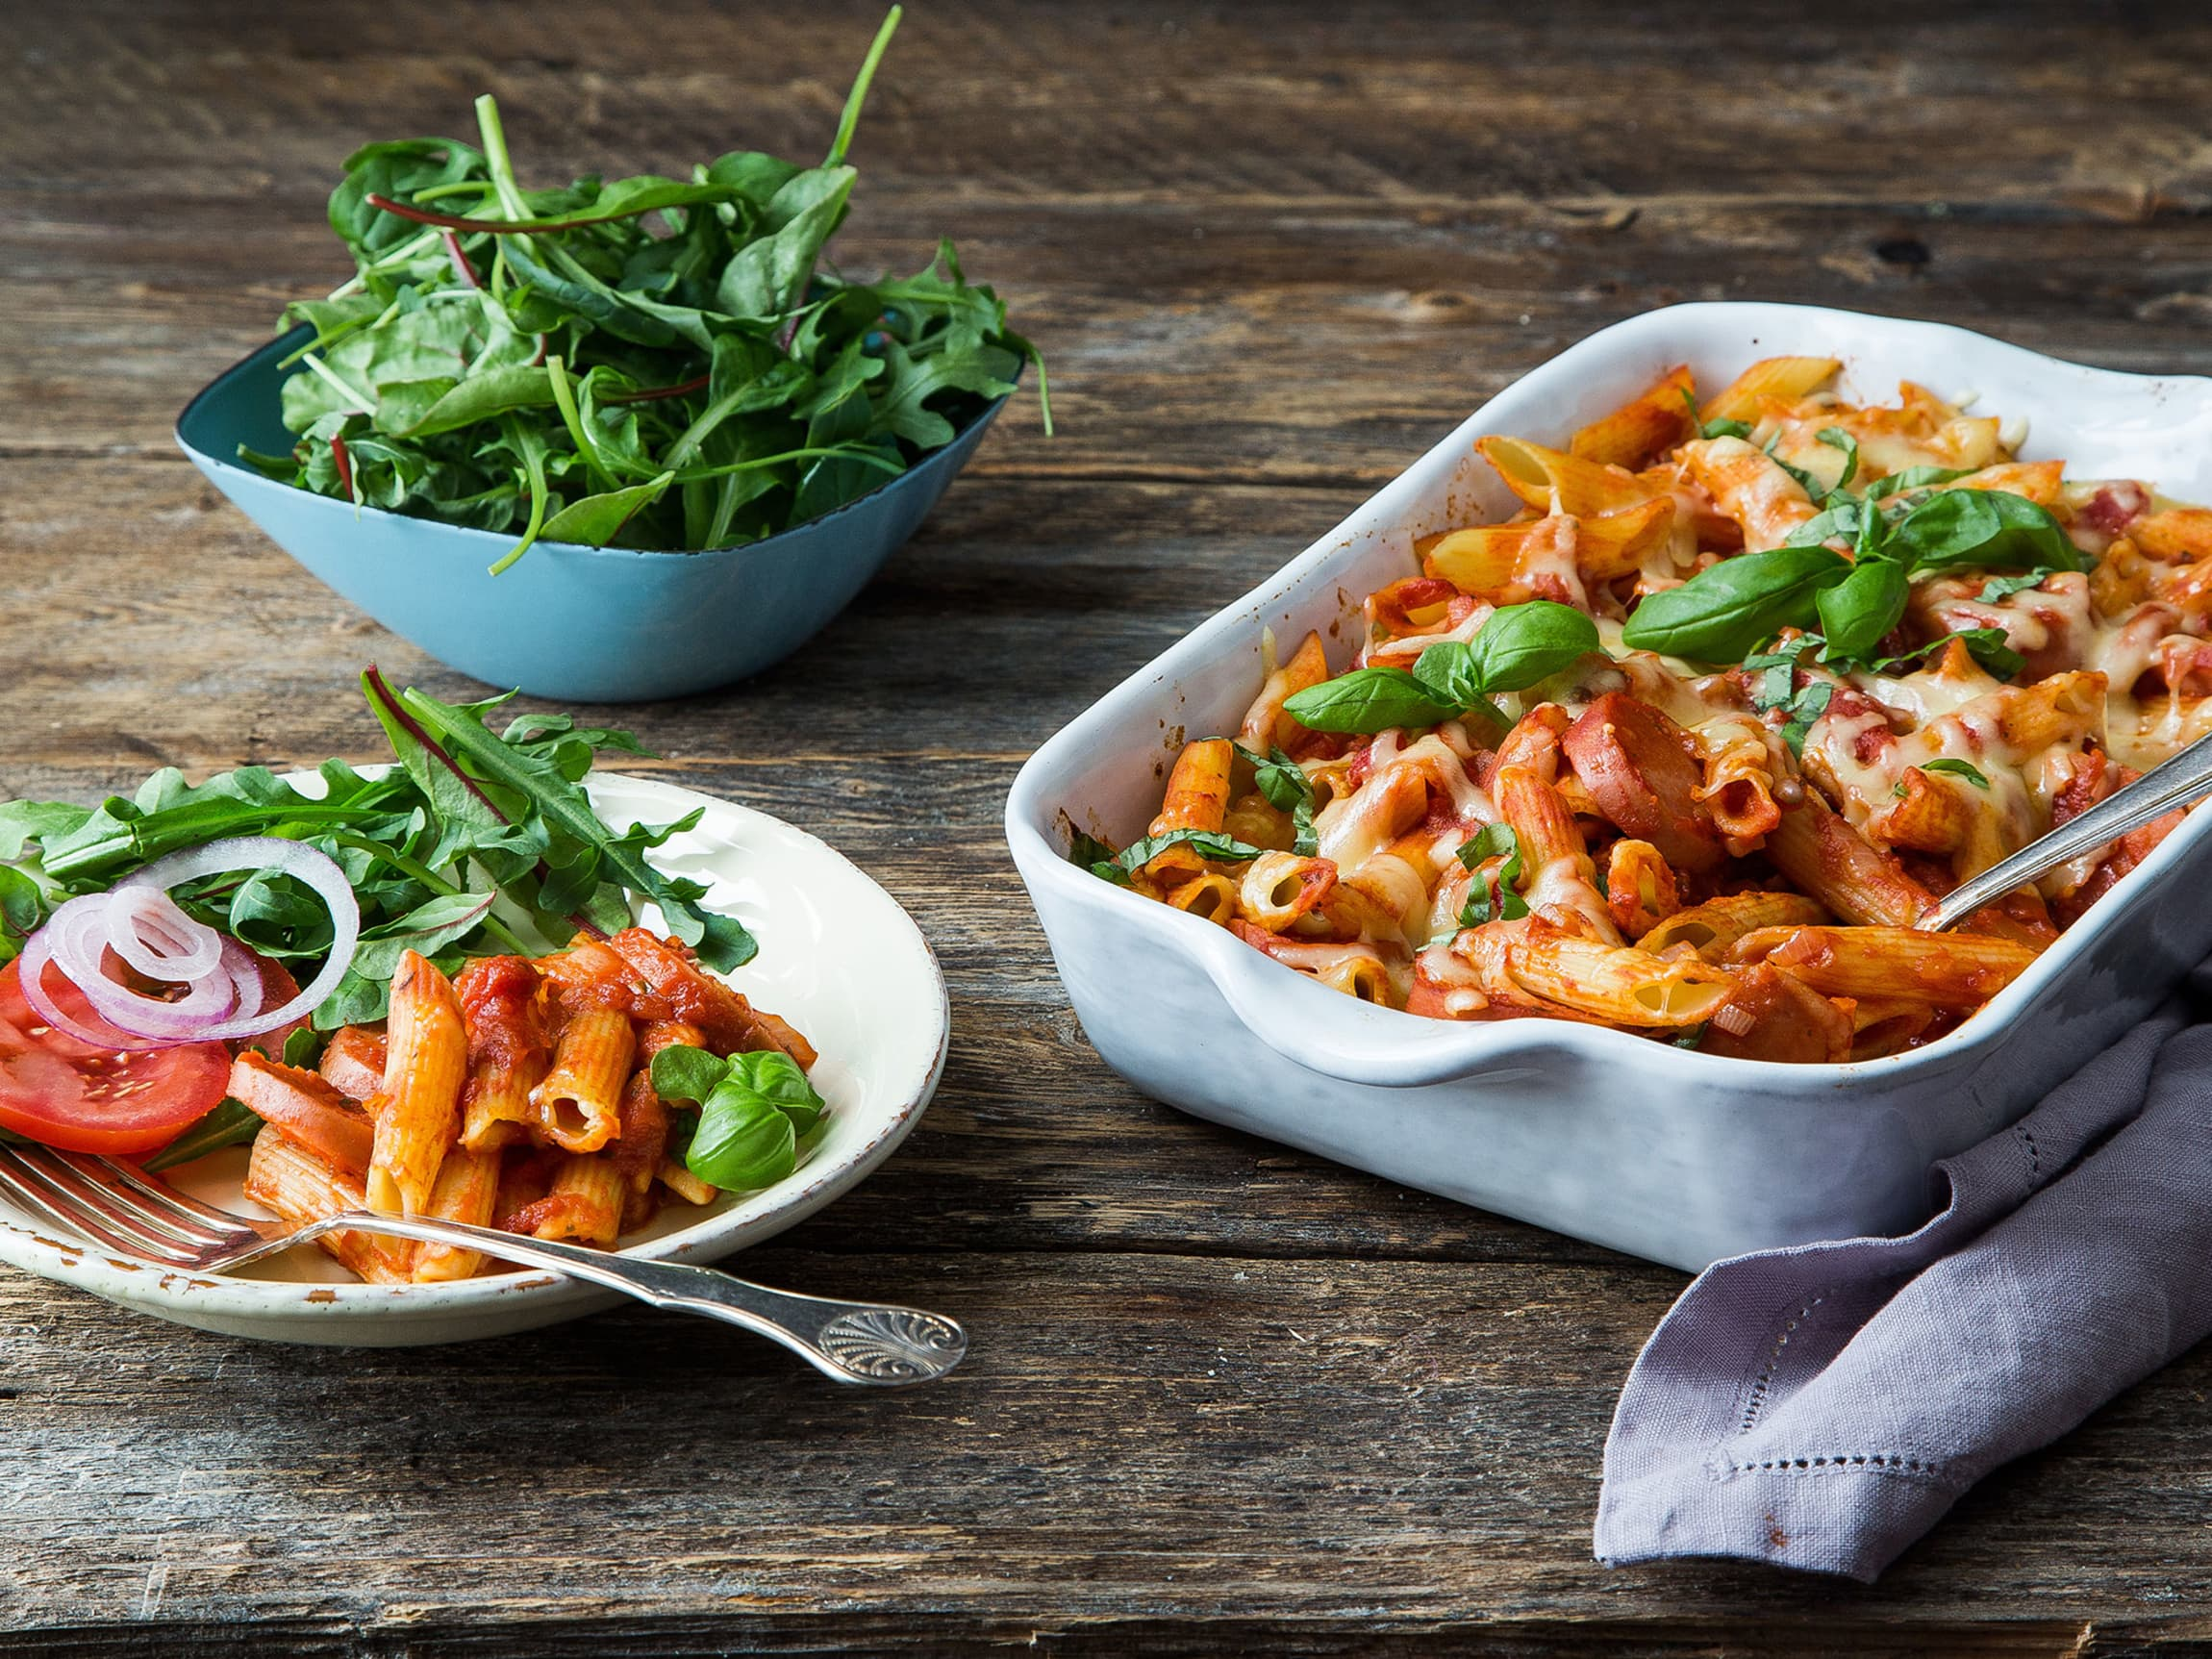 Pølsegrateng med pasta og grønnsaker er en enkel og lettvint middagsfavoritt for barn og voksne.